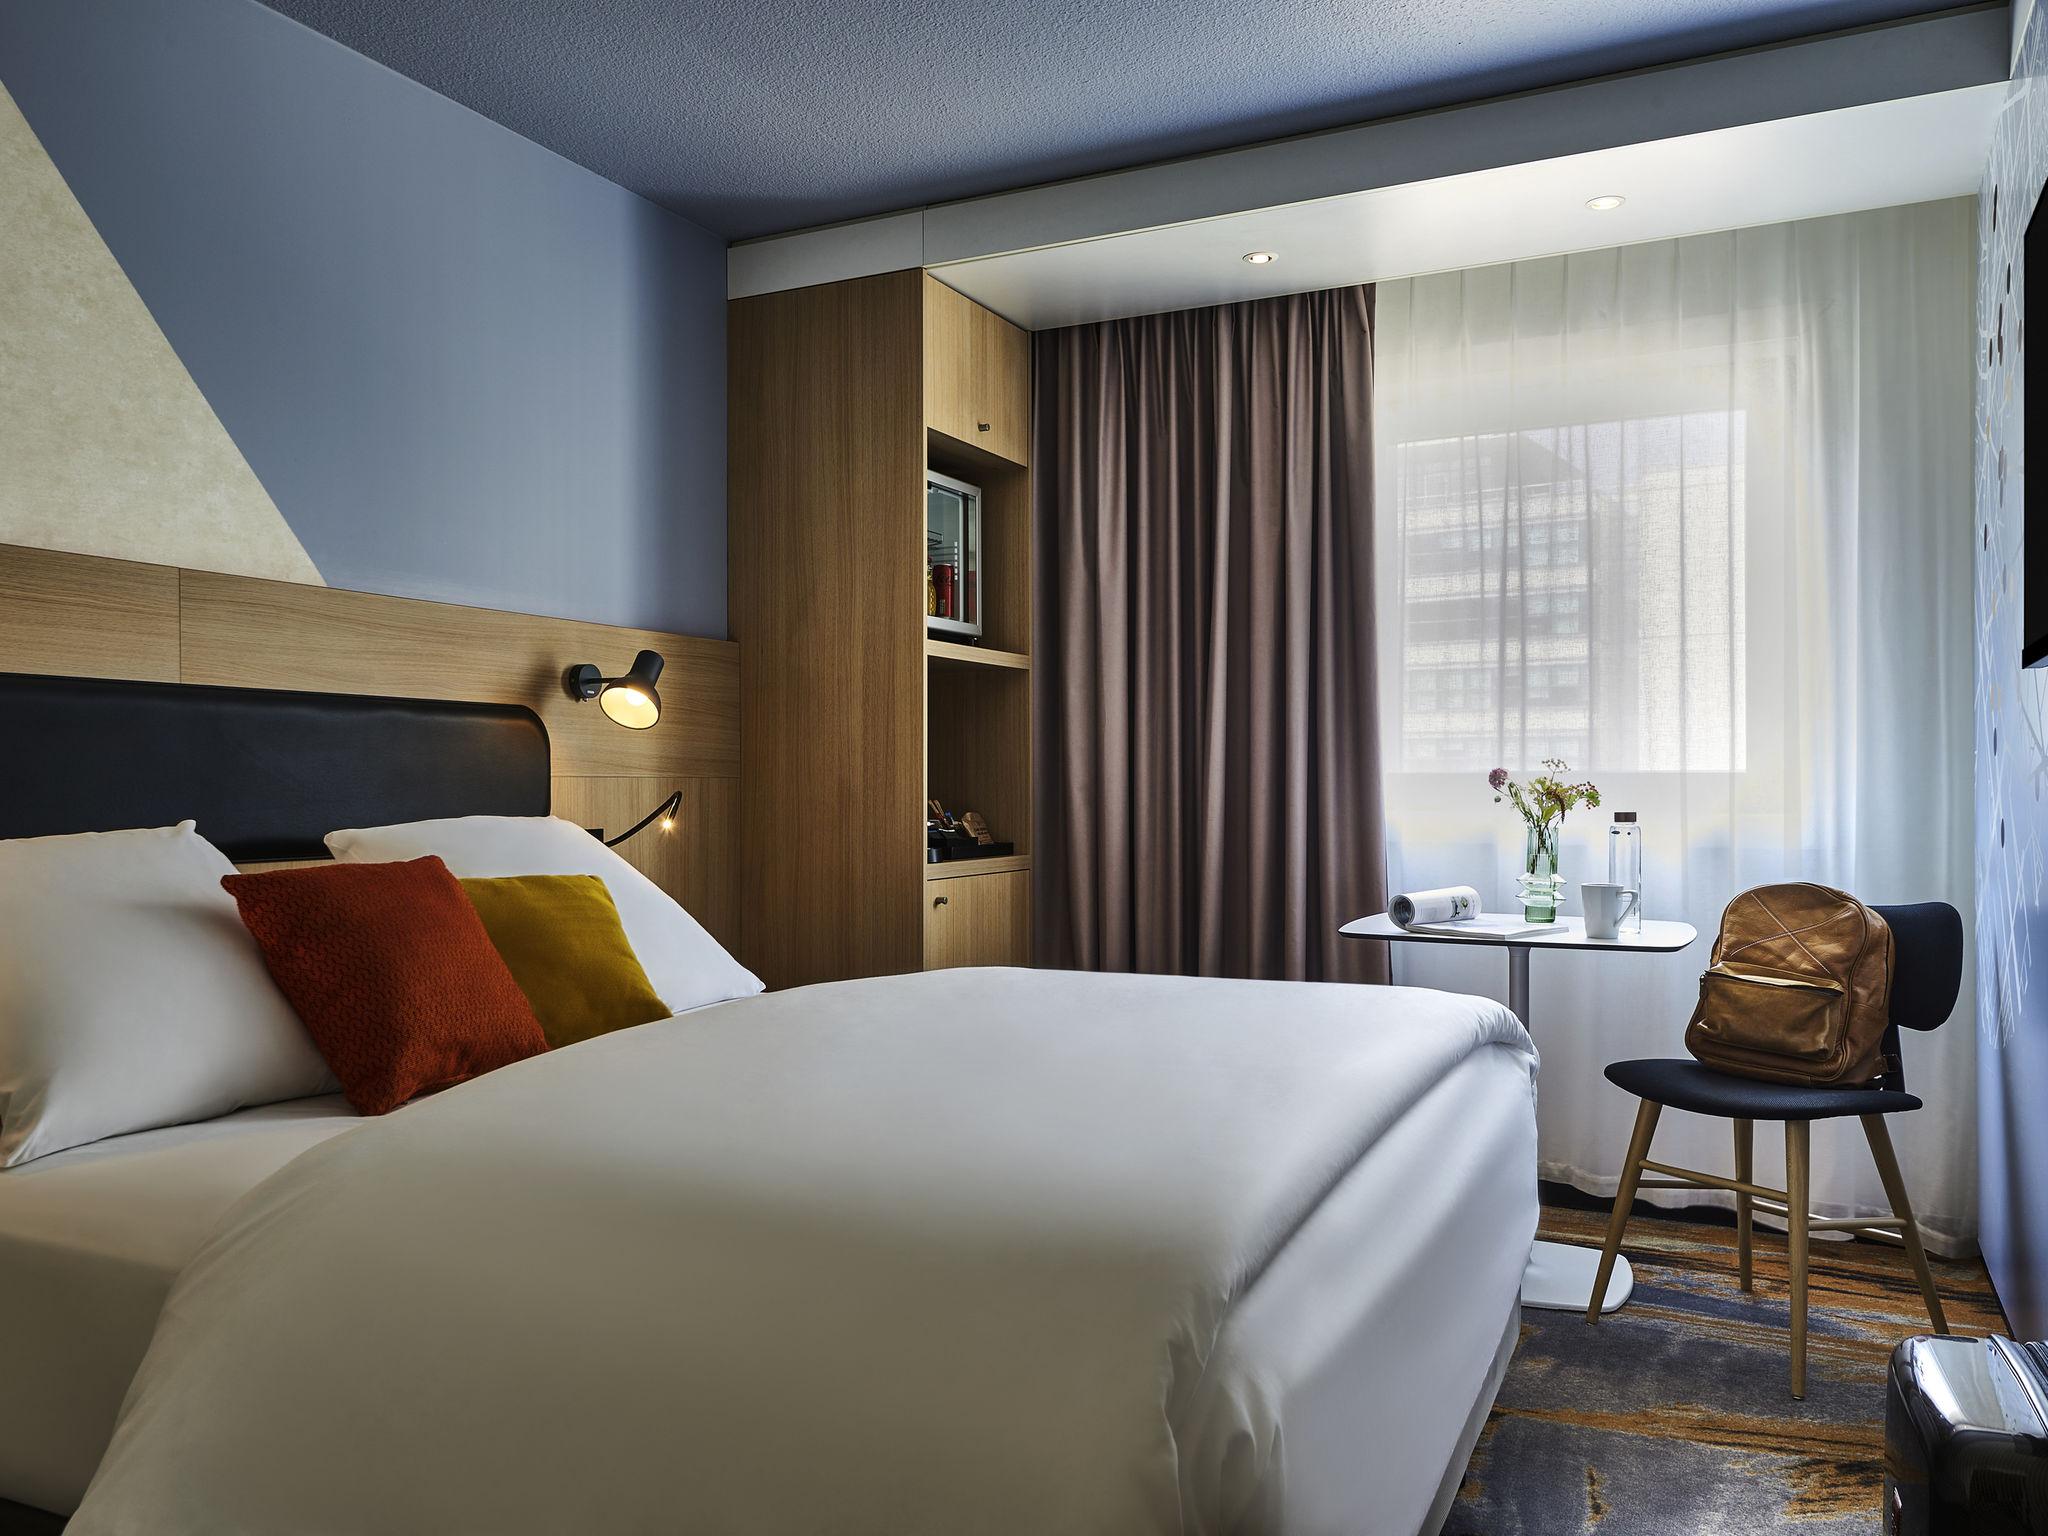 فندق - فندق مركيور Mercure باريس غار دو ليون TGV